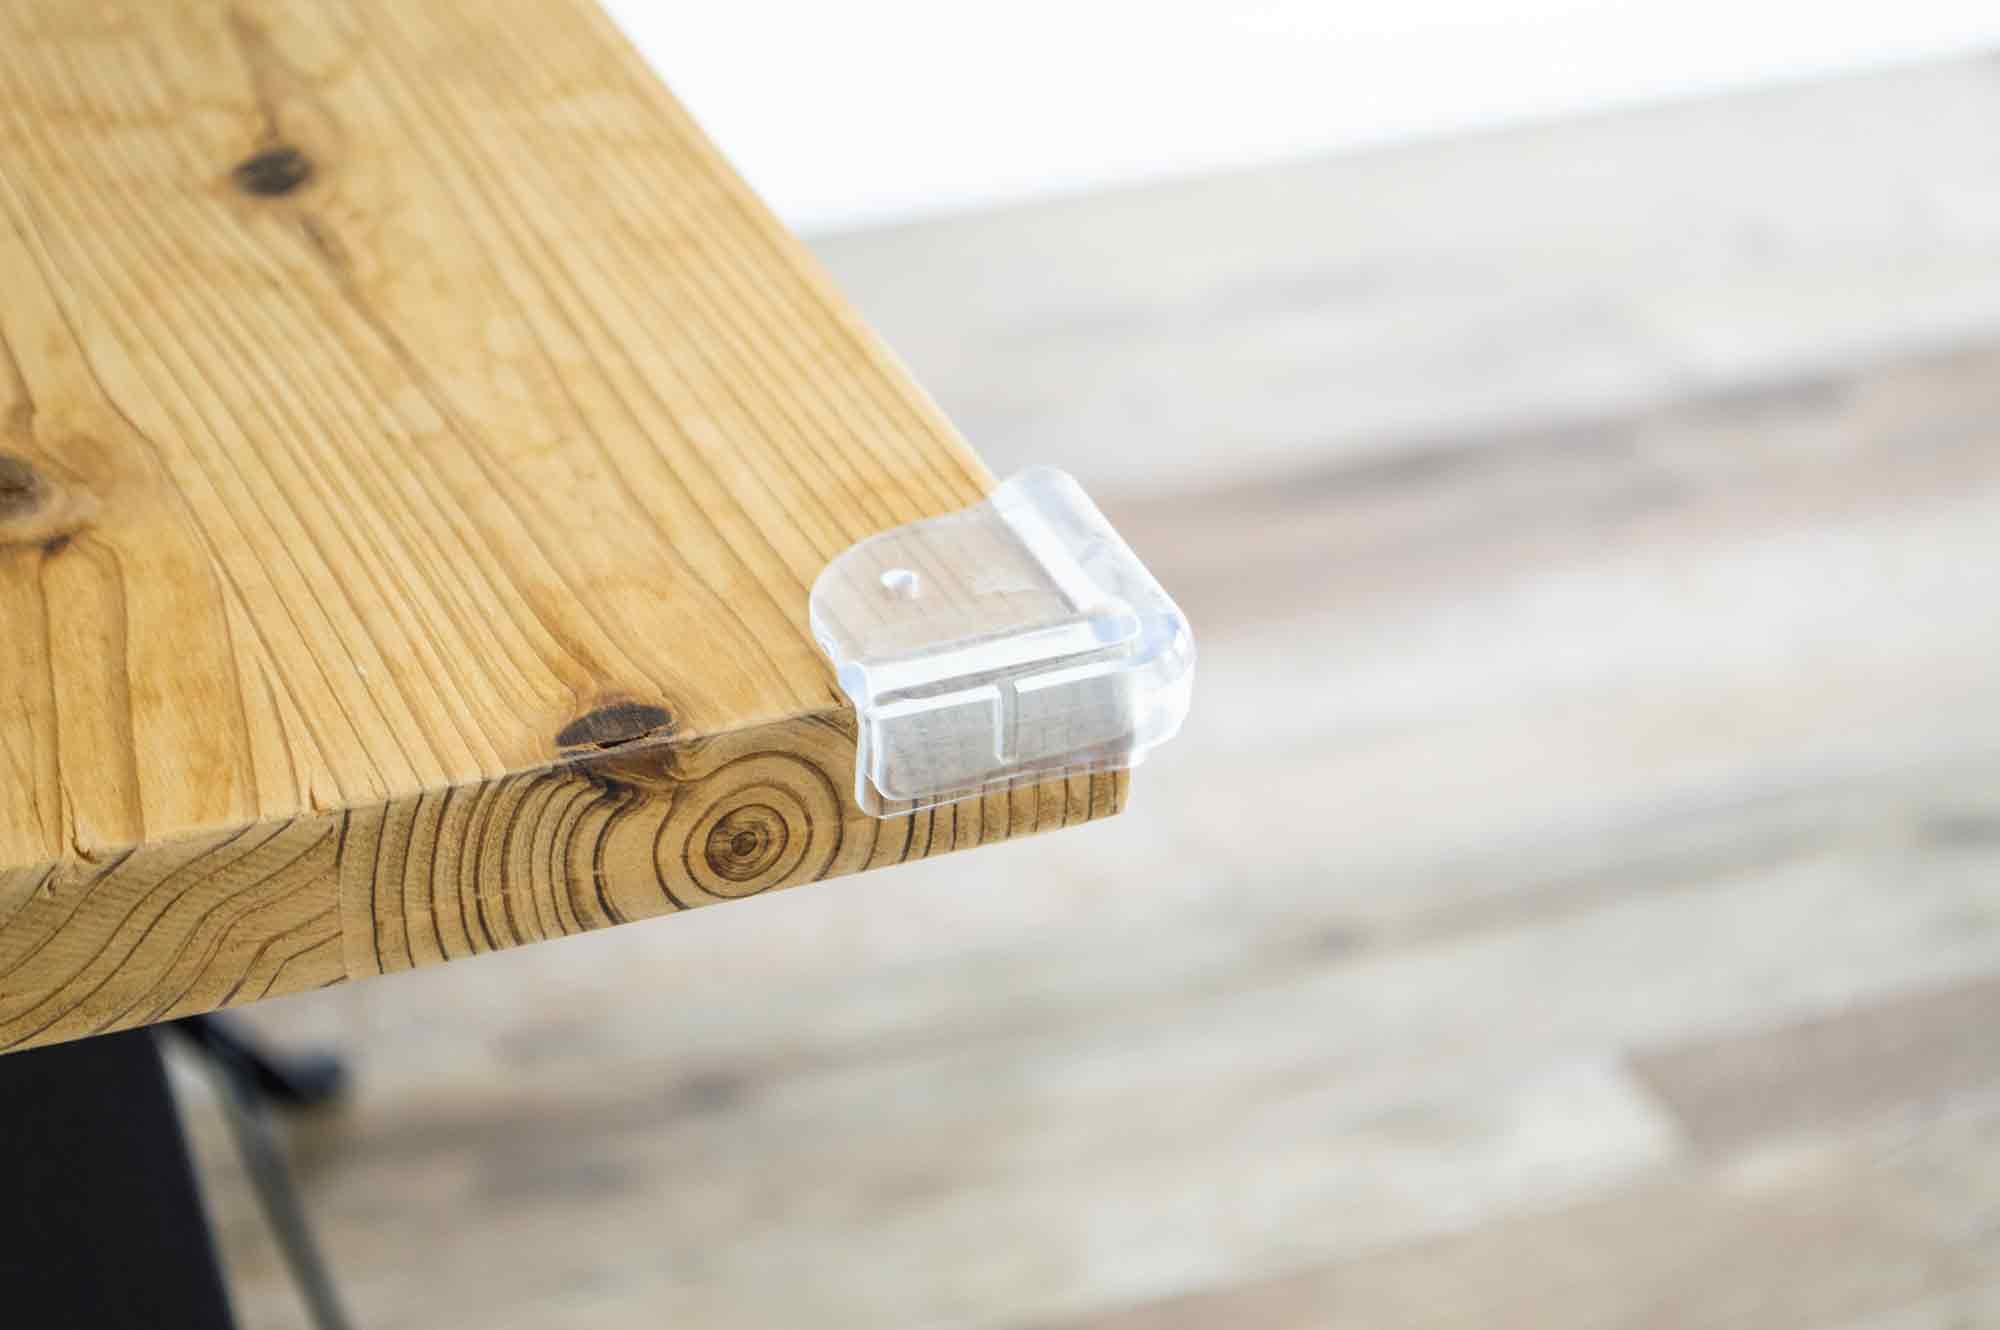 テーブルの角に貼り付けたコーナーガード